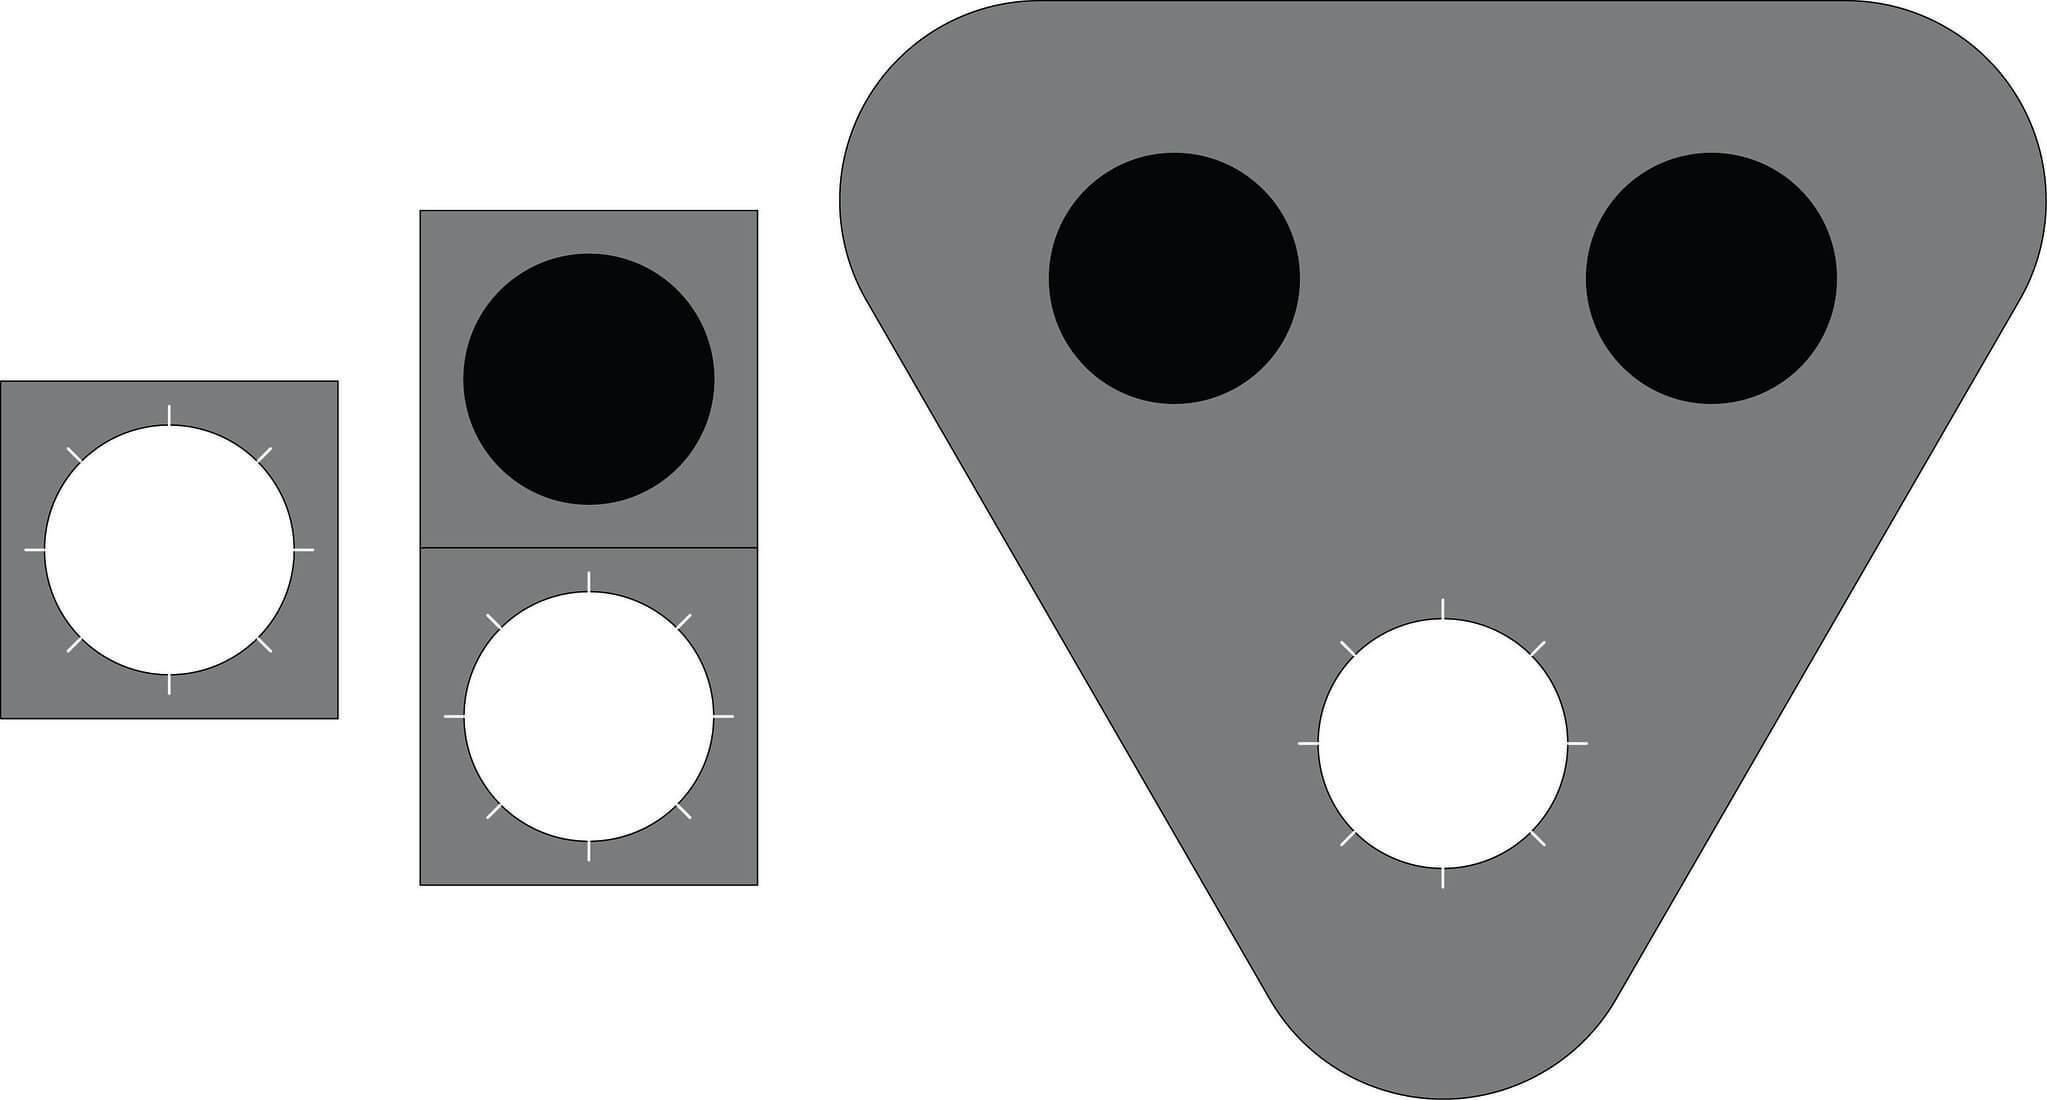 Liikennevalo-opastin 6:Vilkkuva valkoinen valo